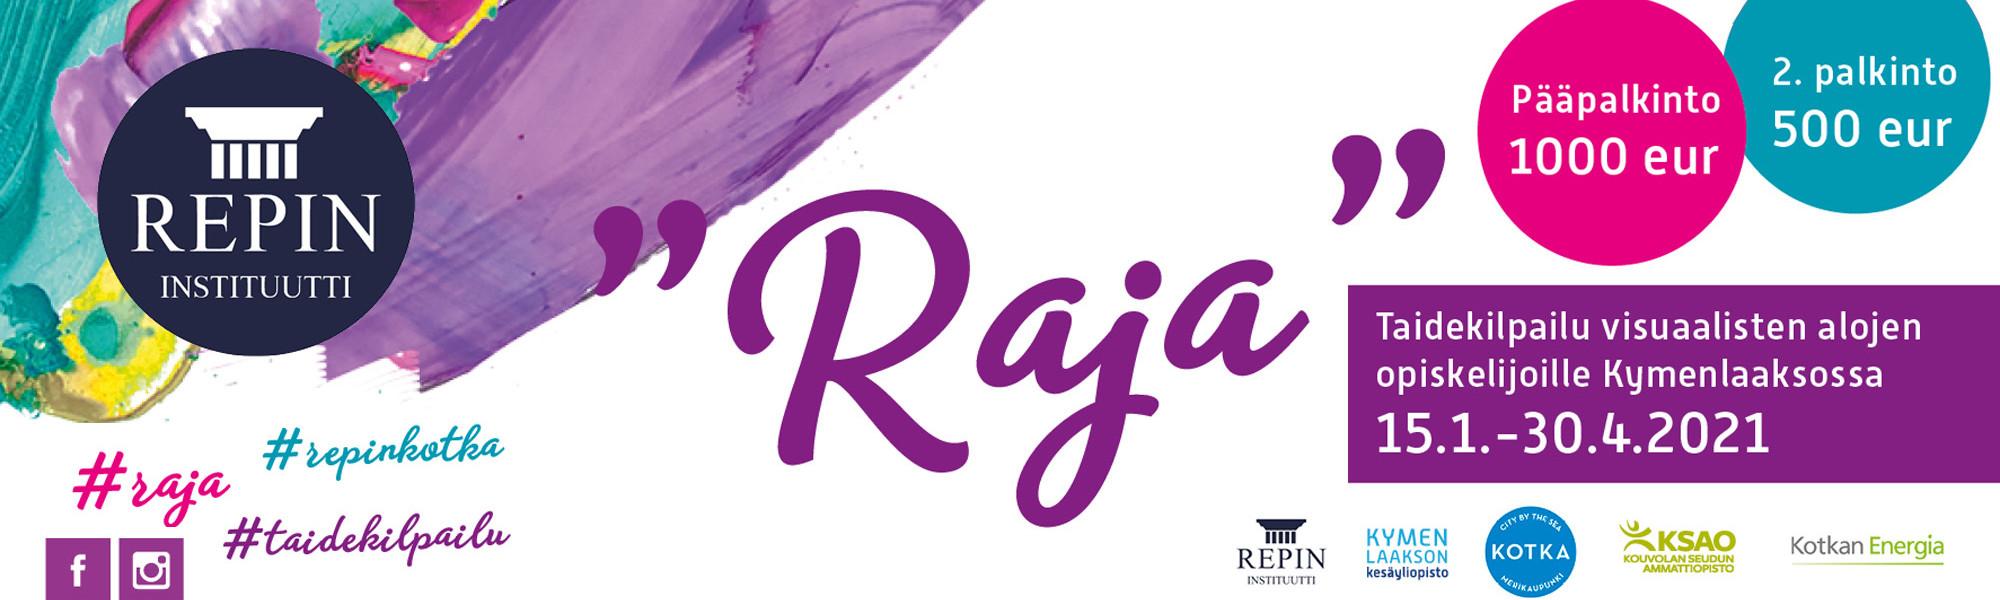 Kuvassa Rja-taidekilpailusivun artikkelikuva